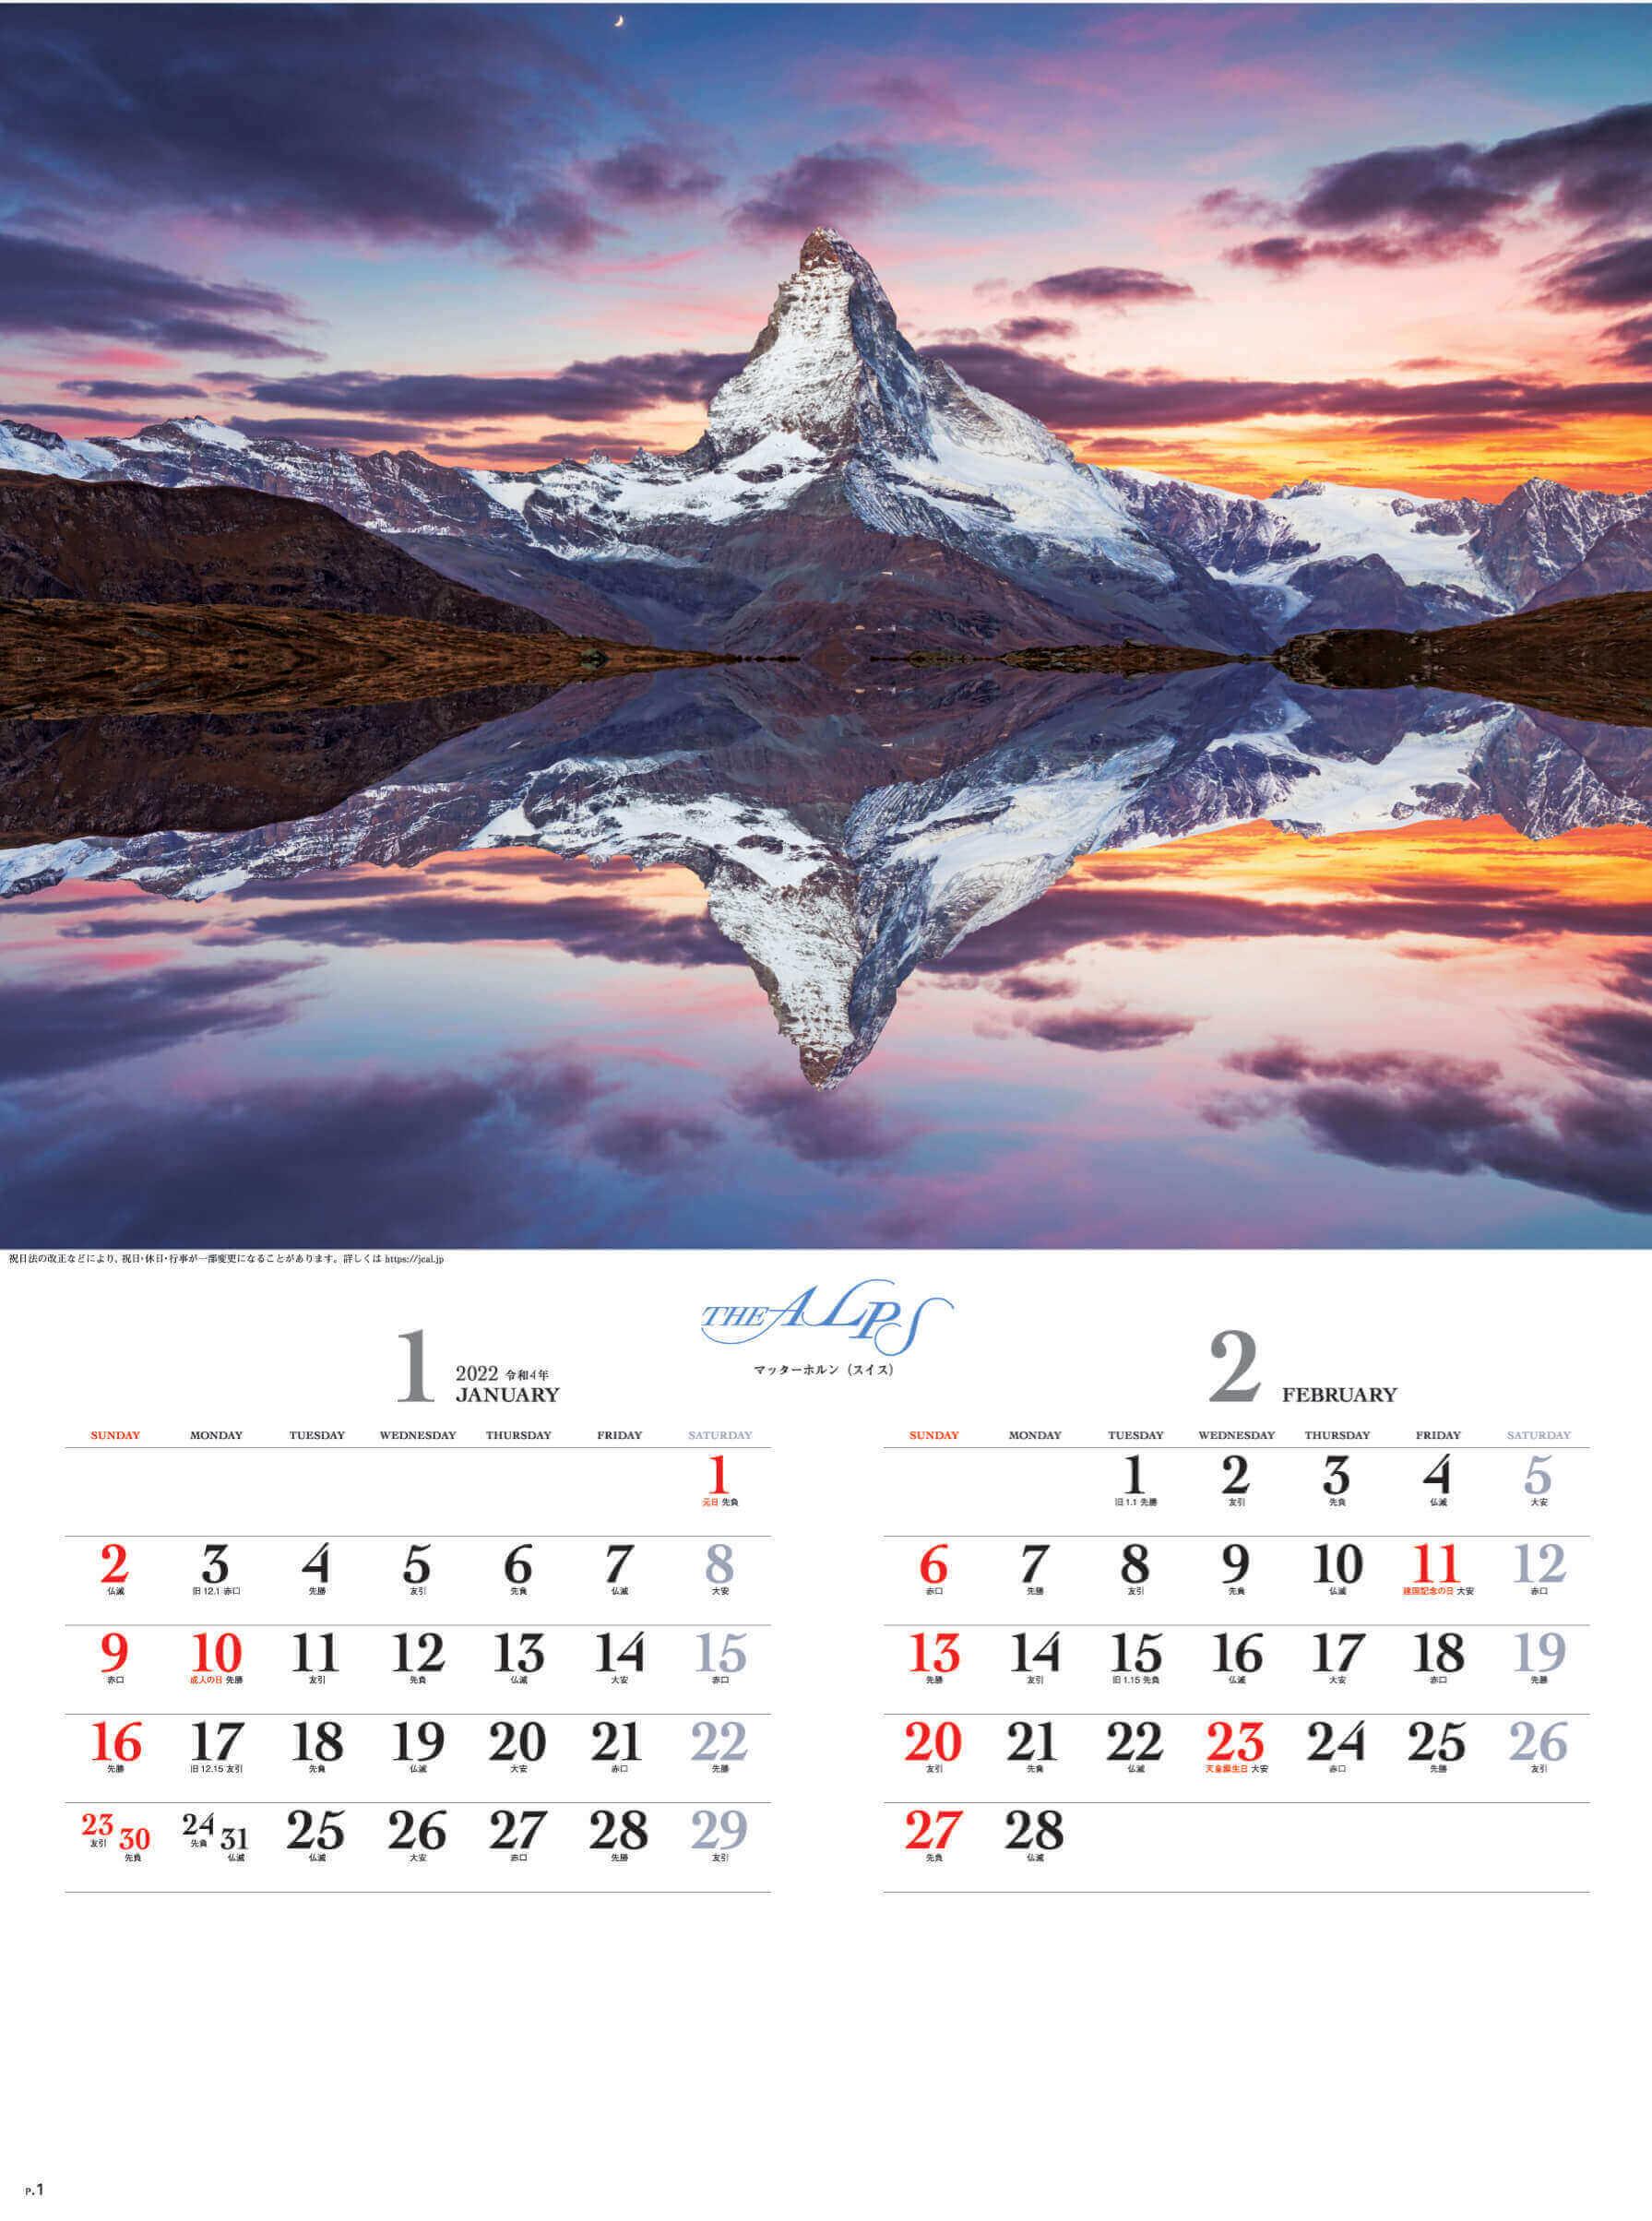 1-2月 マッターホルン(スイス) アルプス 2022年カレンダーの画像